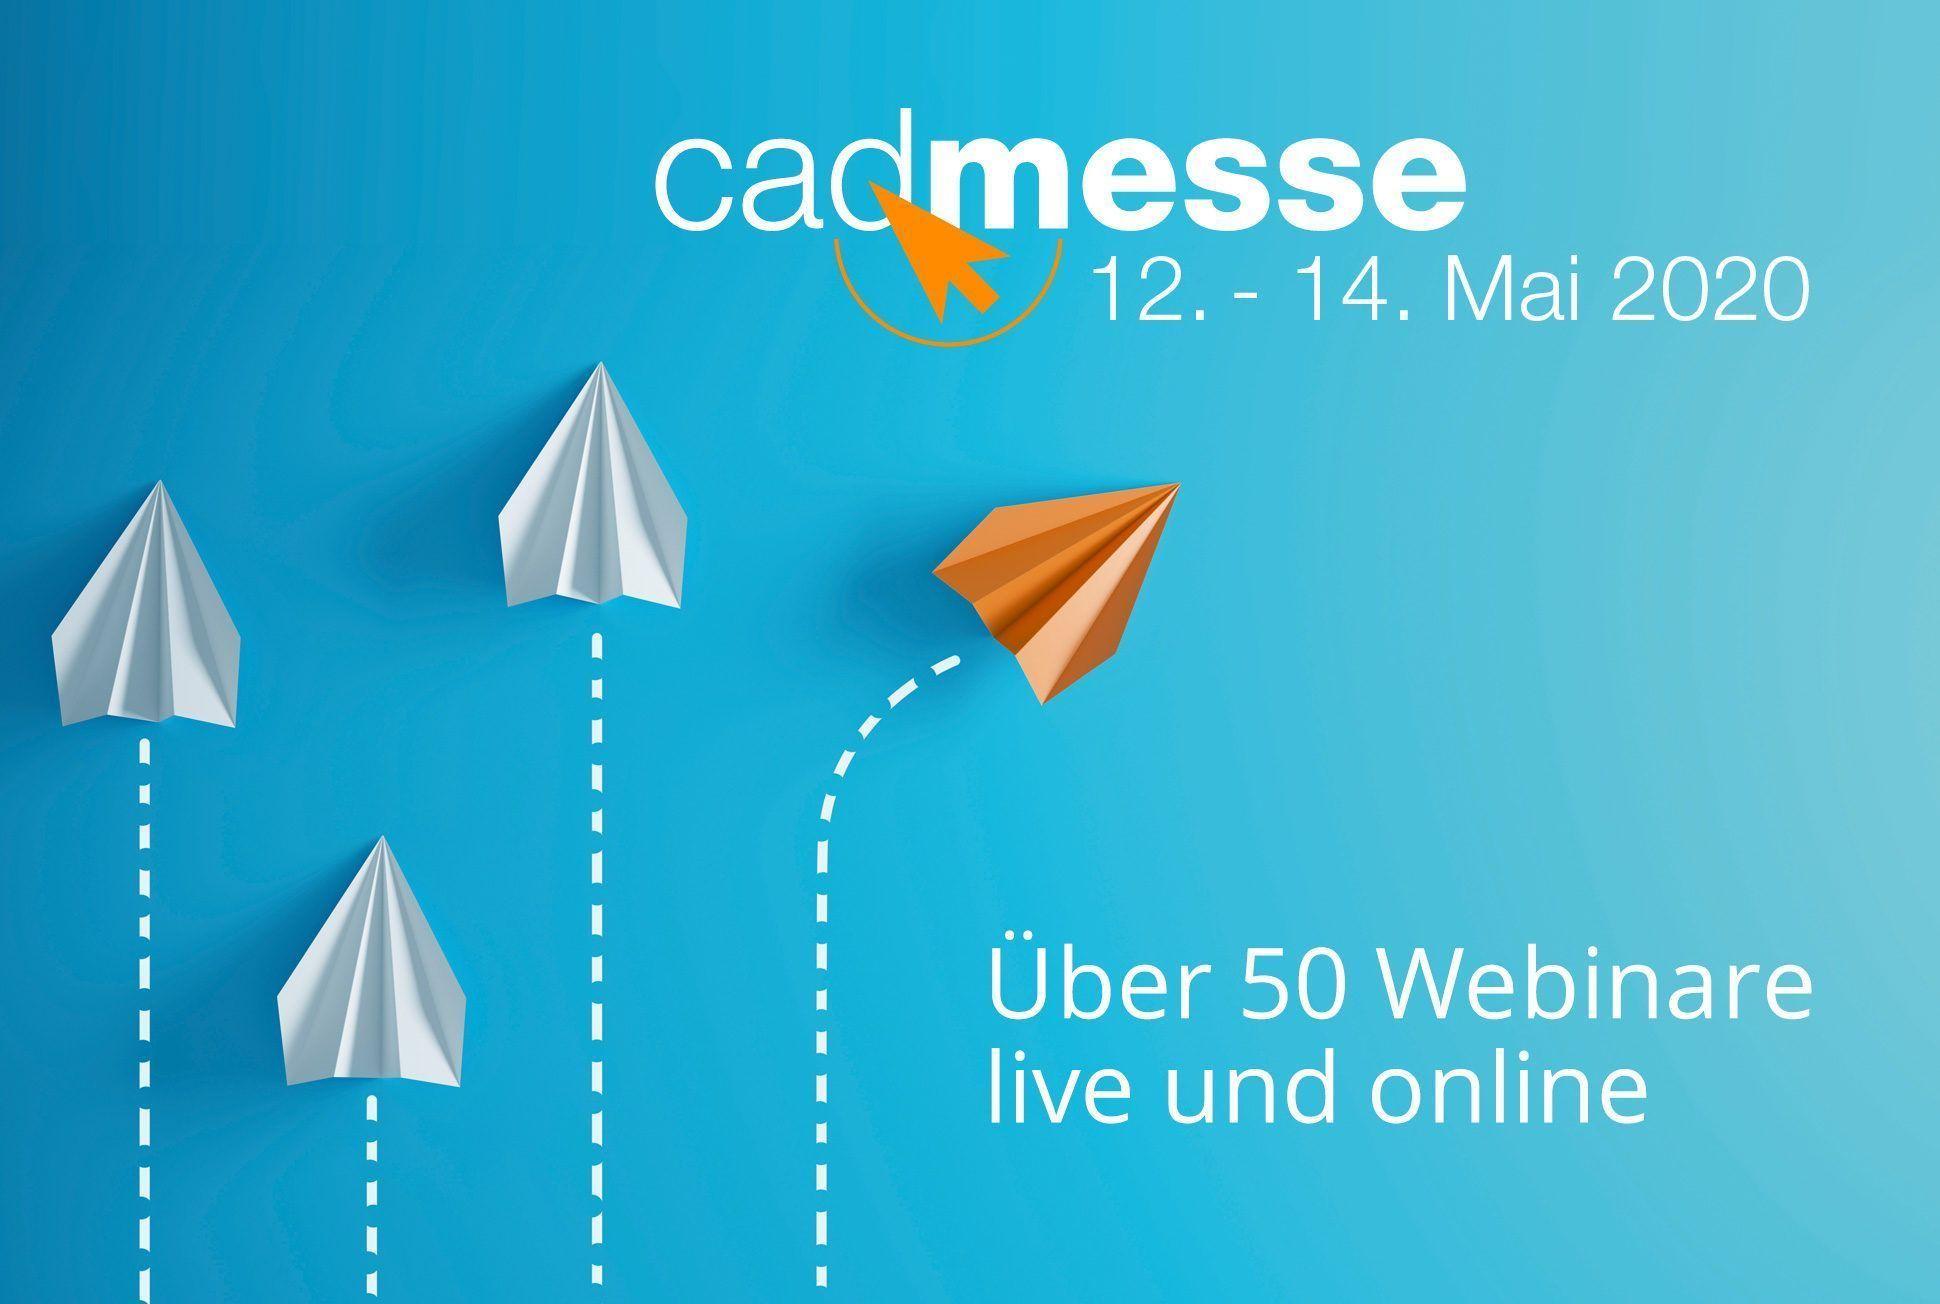 cadmesse 2020 – jetzt online!